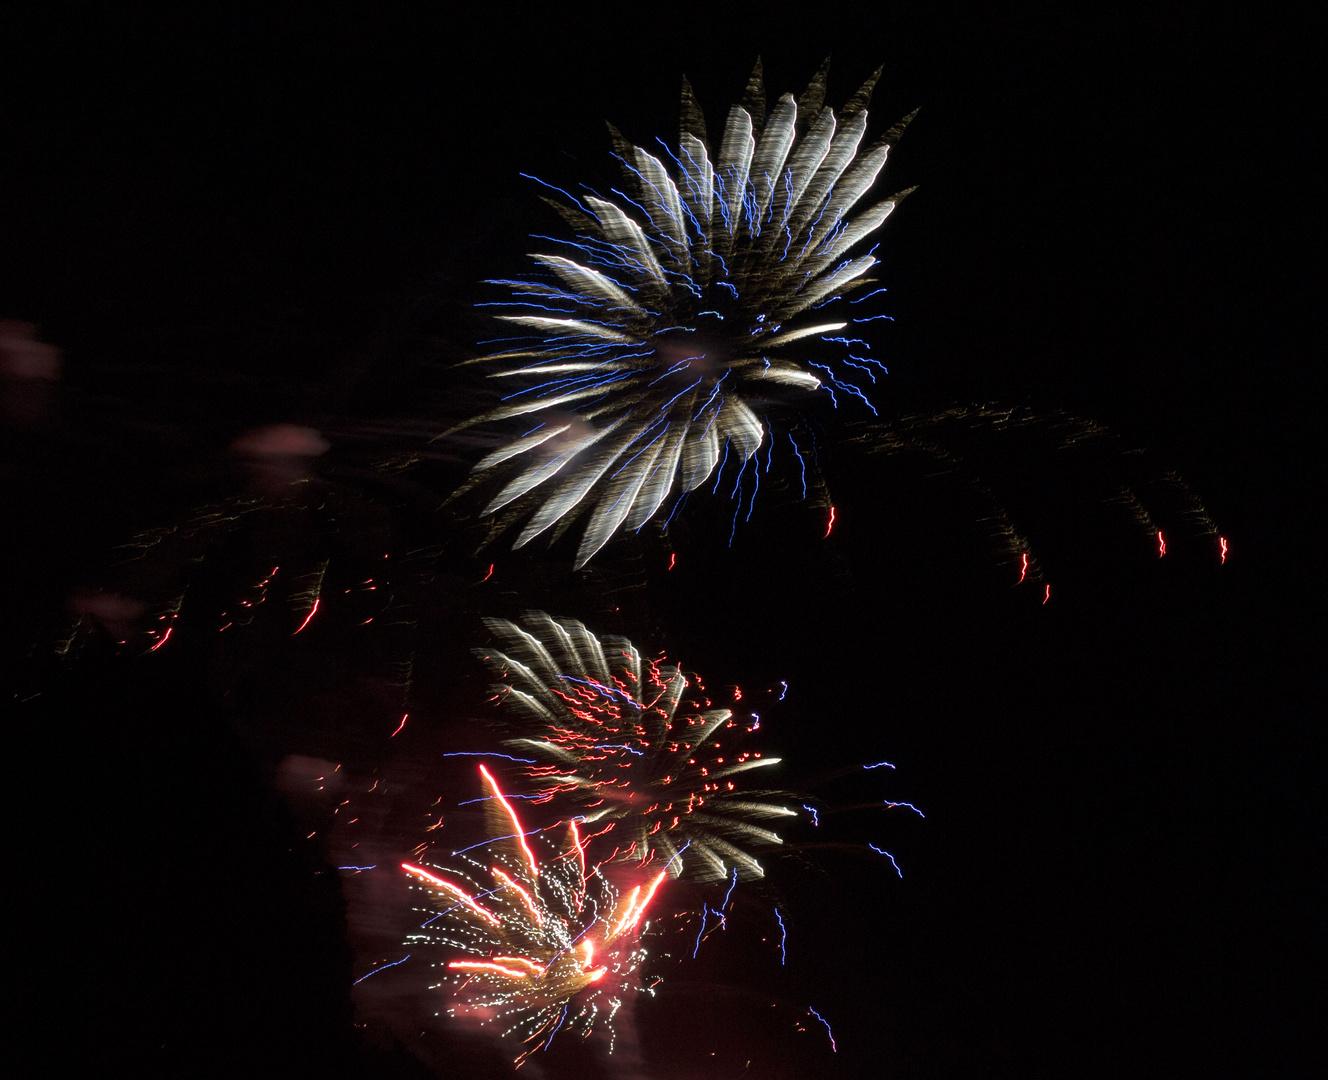 Feuerwerkblume